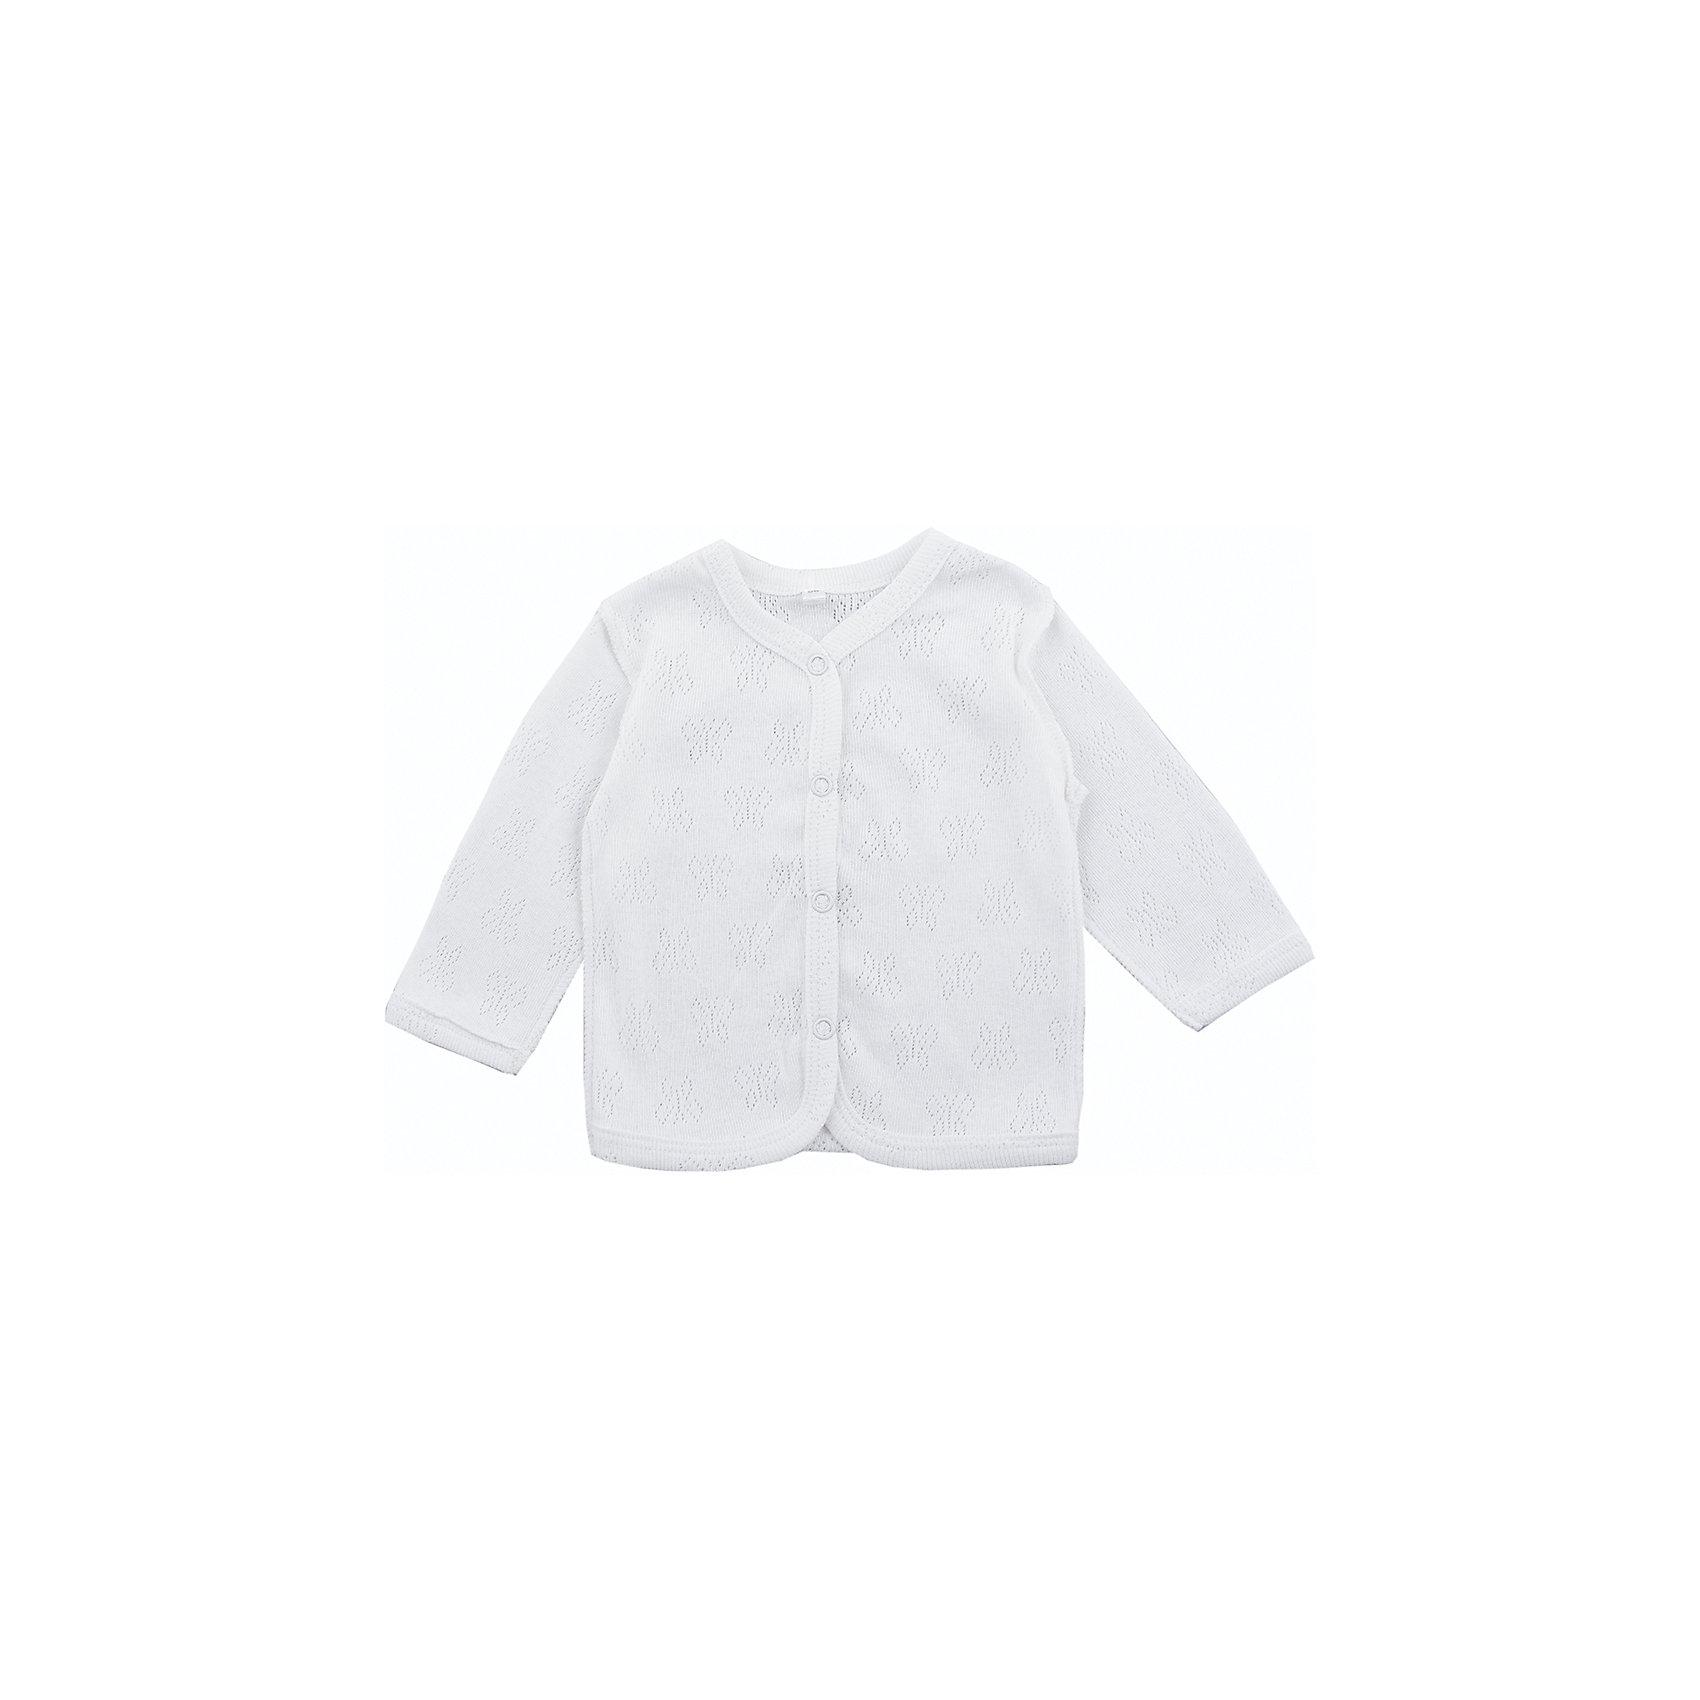 Кофточка Soni KidsКофточка от популярной марки Soni Kids<br><br>Универсального цвета кофточка создана специально для самых маленьких. Она обеспечит ребенку удобство, не будет натирать,  а также позволит коже дышать.<br><br>Особенности модели:<br><br>- цвет - молочный;<br>- материал - натуральный ажурный хлопок-рибана;<br>- рукава длинные;<br>- мягкая окантовка;<br>- застежки - кнопки впереди.<br><br>Дополнительная информация:<br><br>Состав: 100% хлопок (рибана)<br><br>Габариты:<br><br>длина по спинке - 28 см;<br>длина рукава - 19.<br><br>*соответствует размеру 56<br><br>Кофточку от популярной марки Soni Kids (Сони Кидс) можно купить в нашем магазине.<br><br>Ширина мм: 157<br>Глубина мм: 13<br>Высота мм: 119<br>Вес г: 200<br>Цвет: бежевый<br>Возраст от месяцев: 12<br>Возраст до месяцев: 15<br>Пол: Унисекс<br>Возраст: Детский<br>Размер: 80,62,56,68,86,74<br>SKU: 4323276